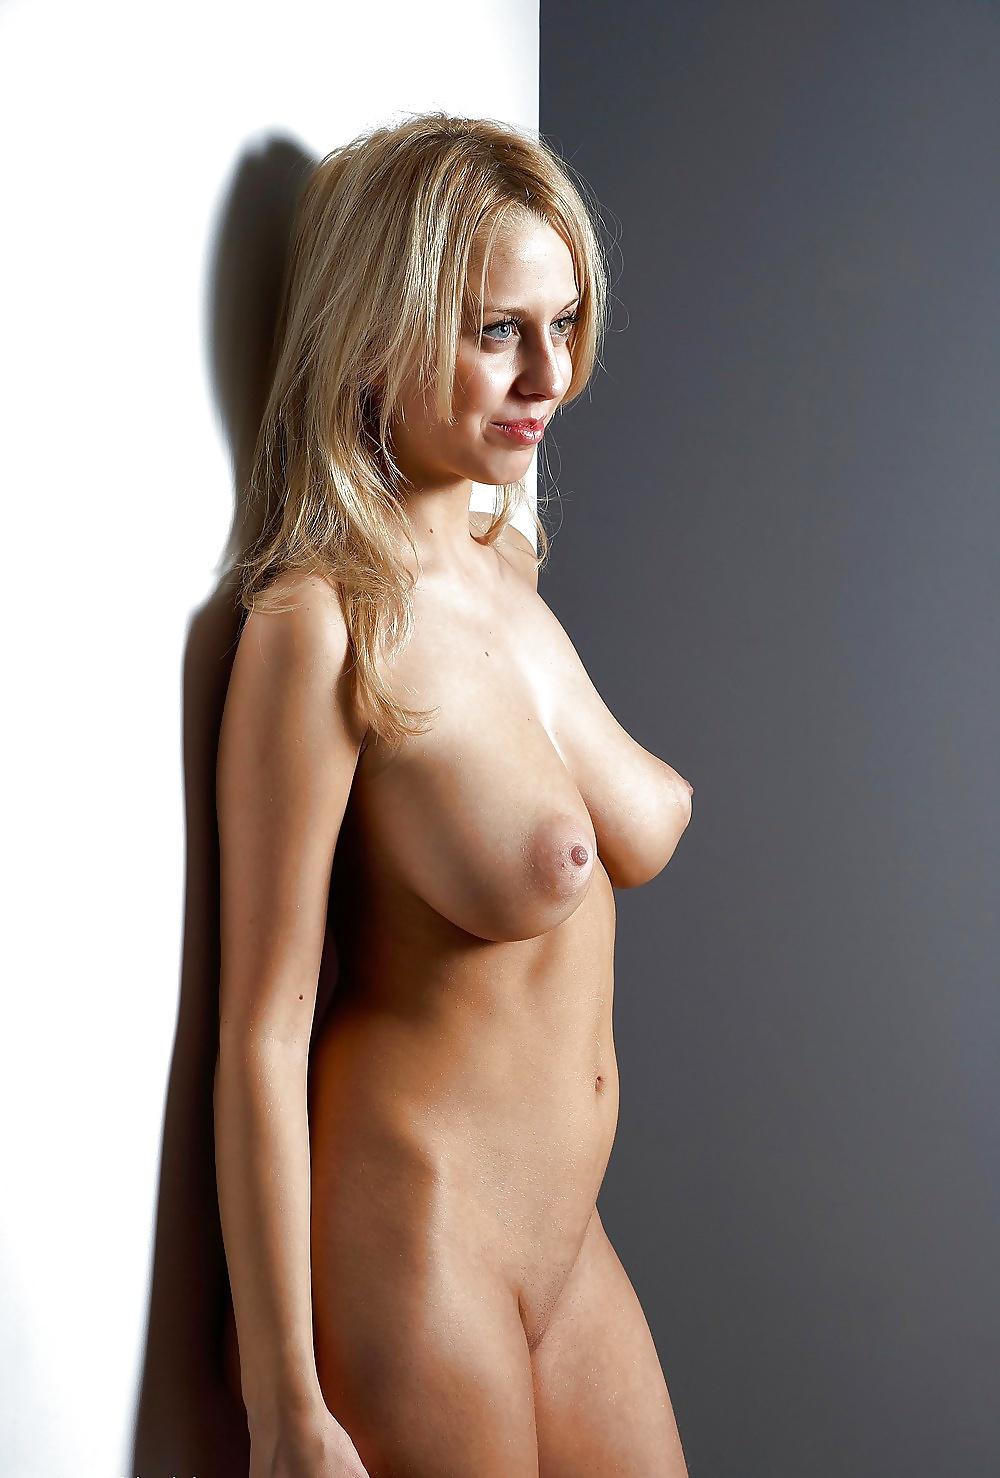 photo sexe pour amateur de maman salopes du 54